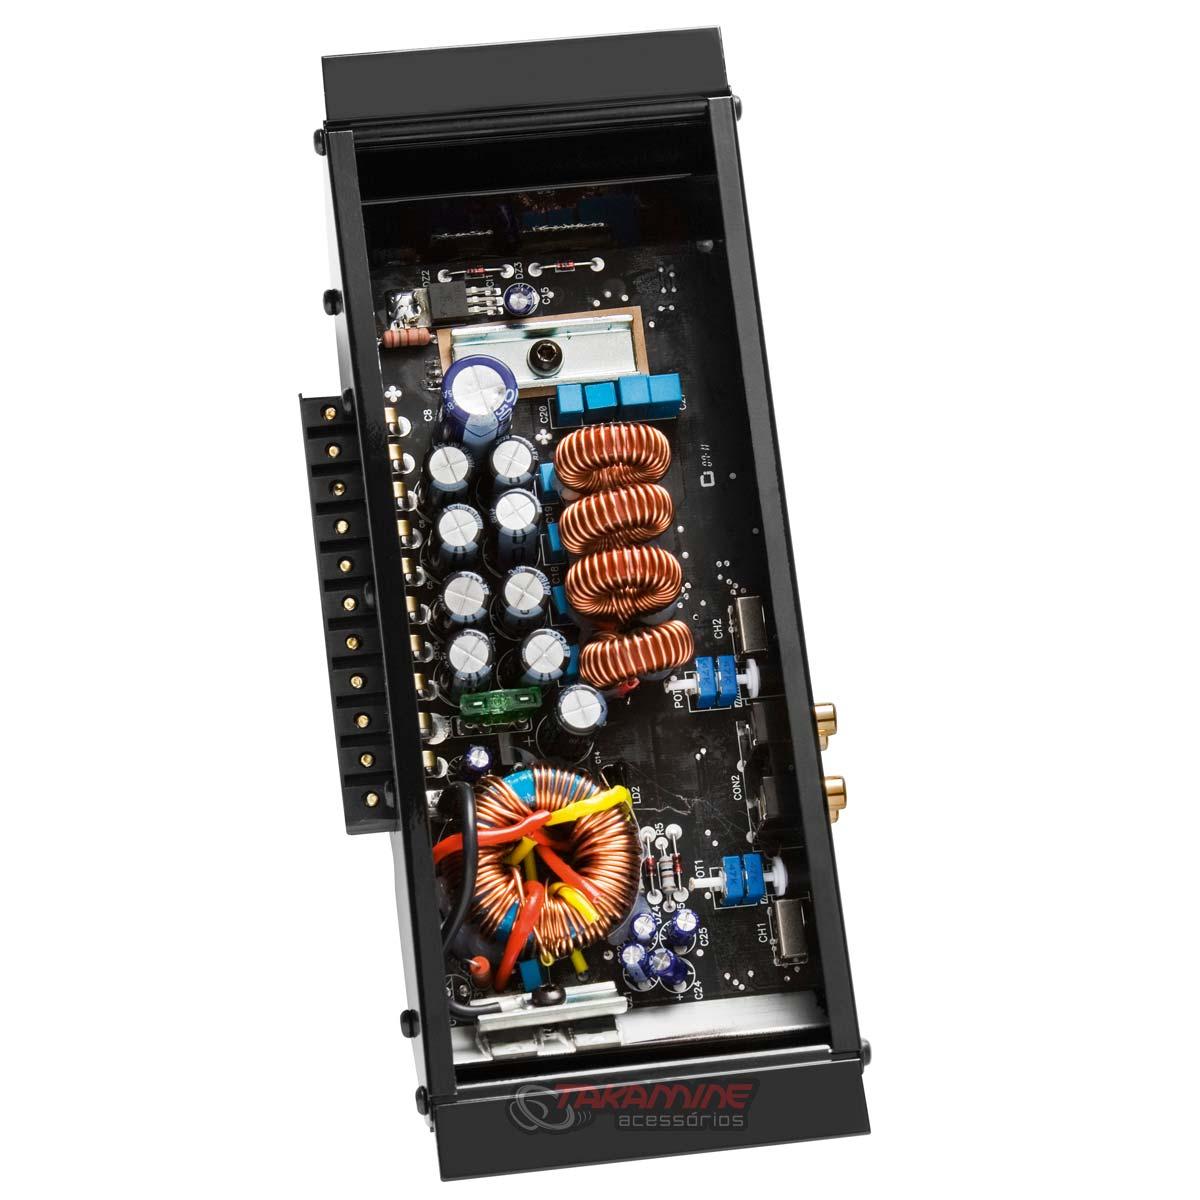 Amplificador HF404 Corzus 4 canais estéreo 400WRMS Digital